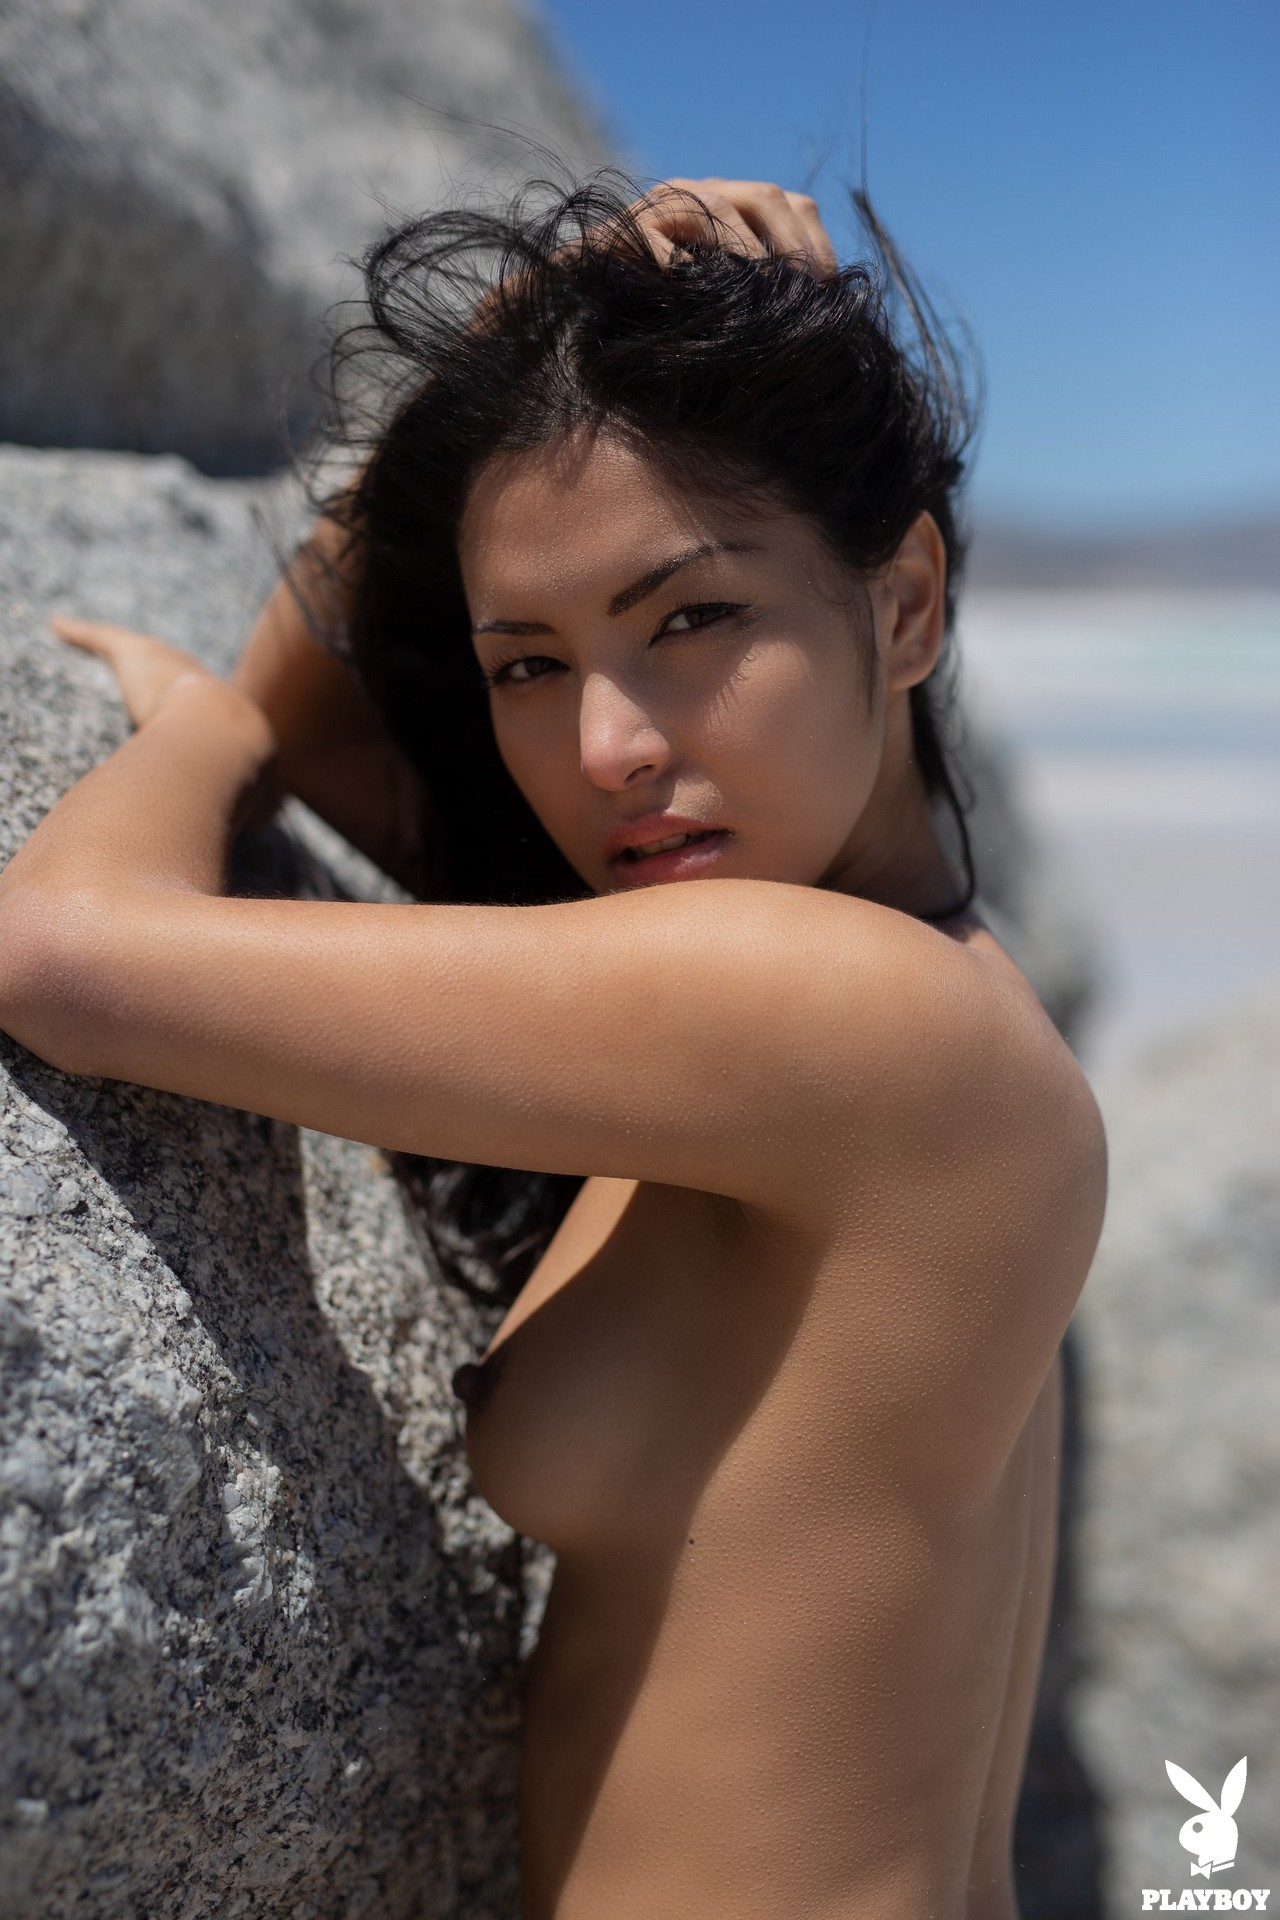 Chloe Rose in Windswept - Playboy Plus 39